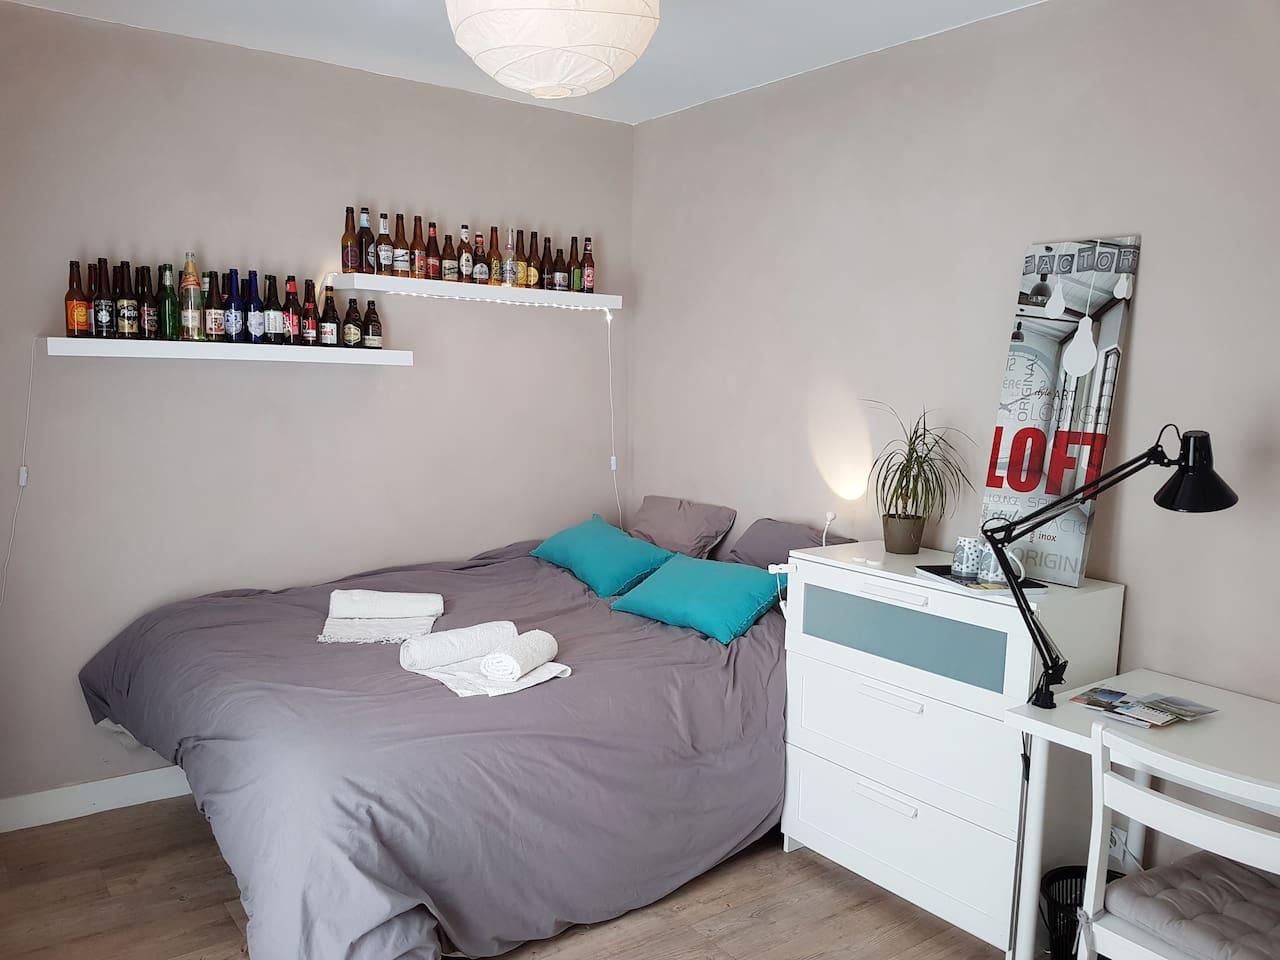 Bienvenue chez nous, voici votre future chambre!